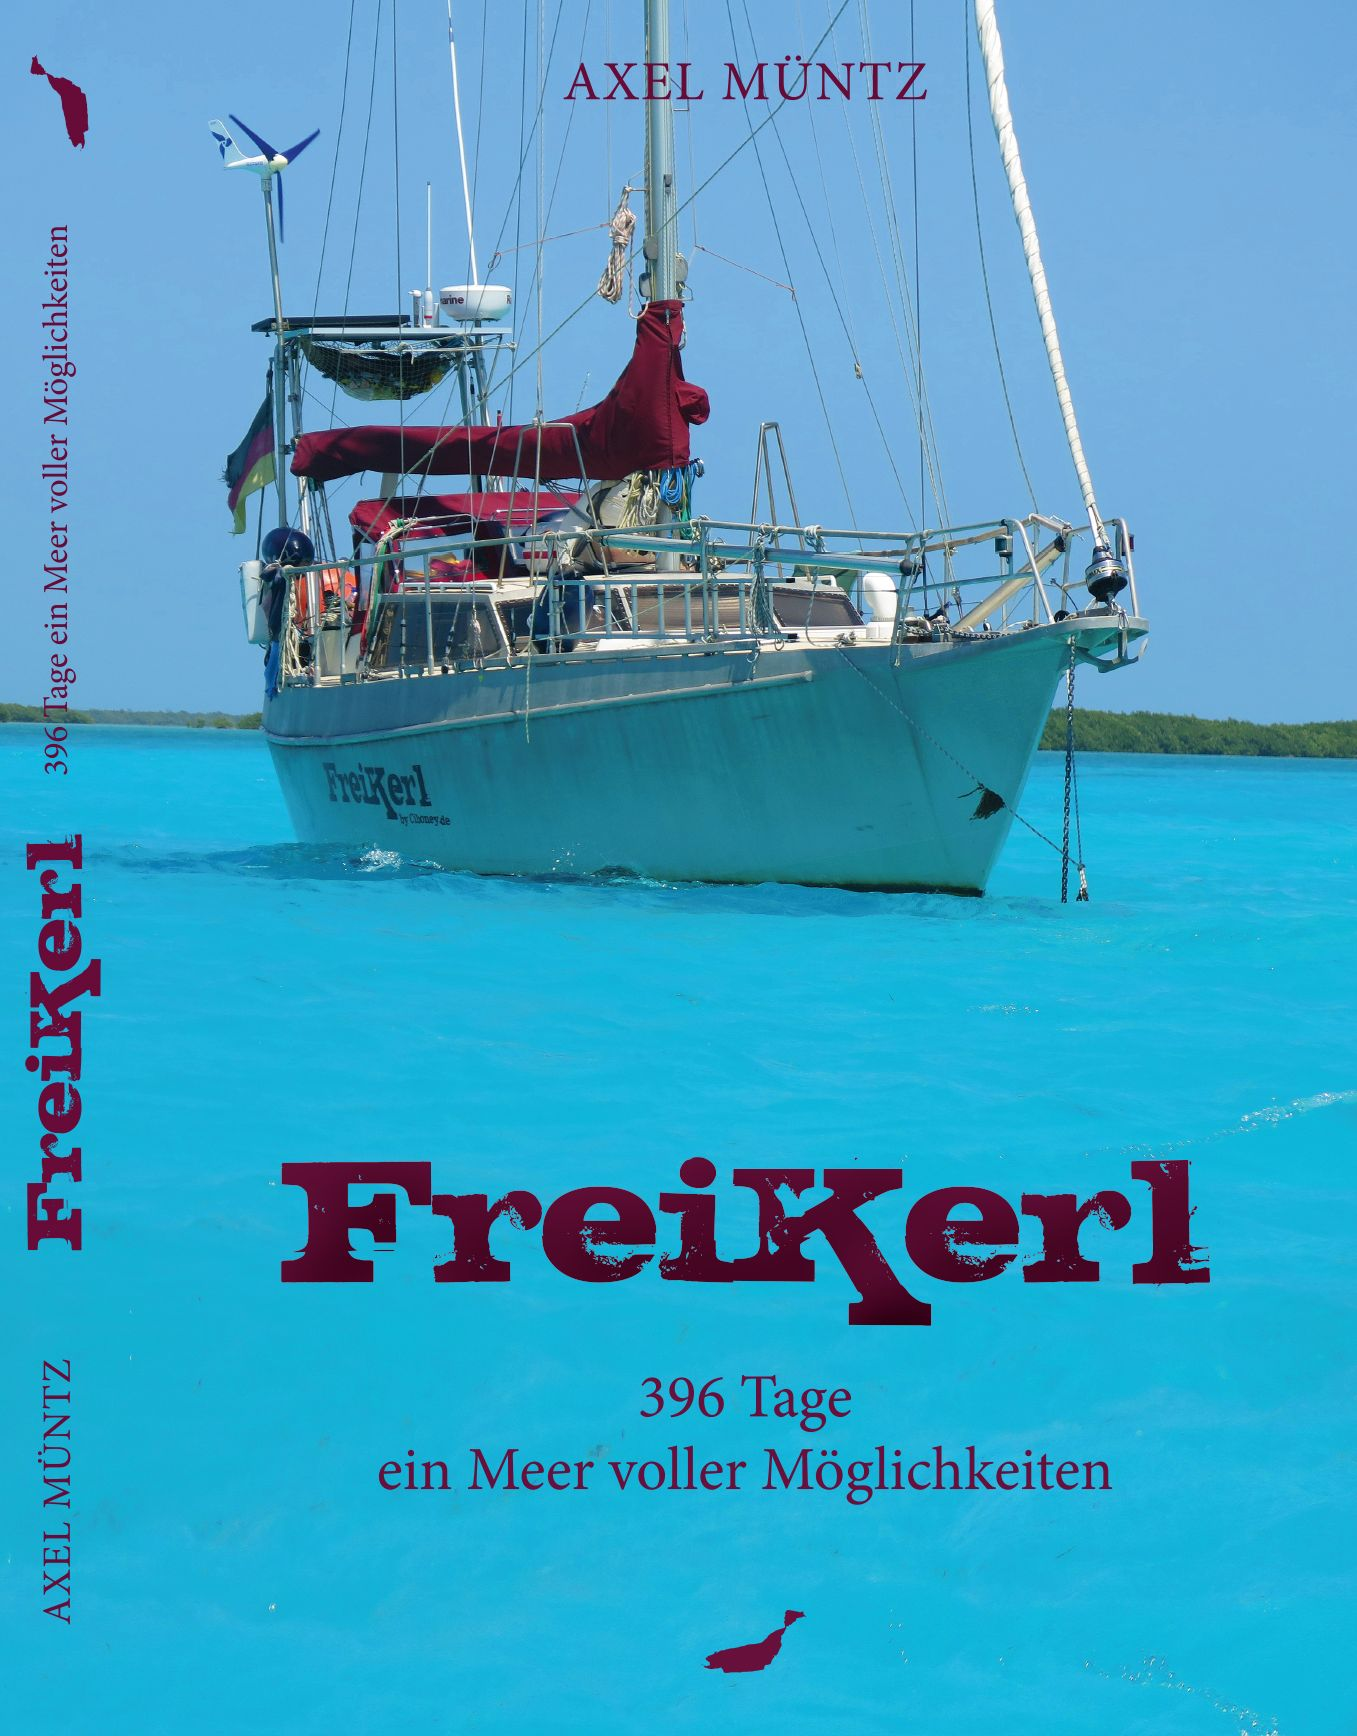 Das neue Buch: Freikerl - 396 Tage ein Meer voller Möglichkeiten